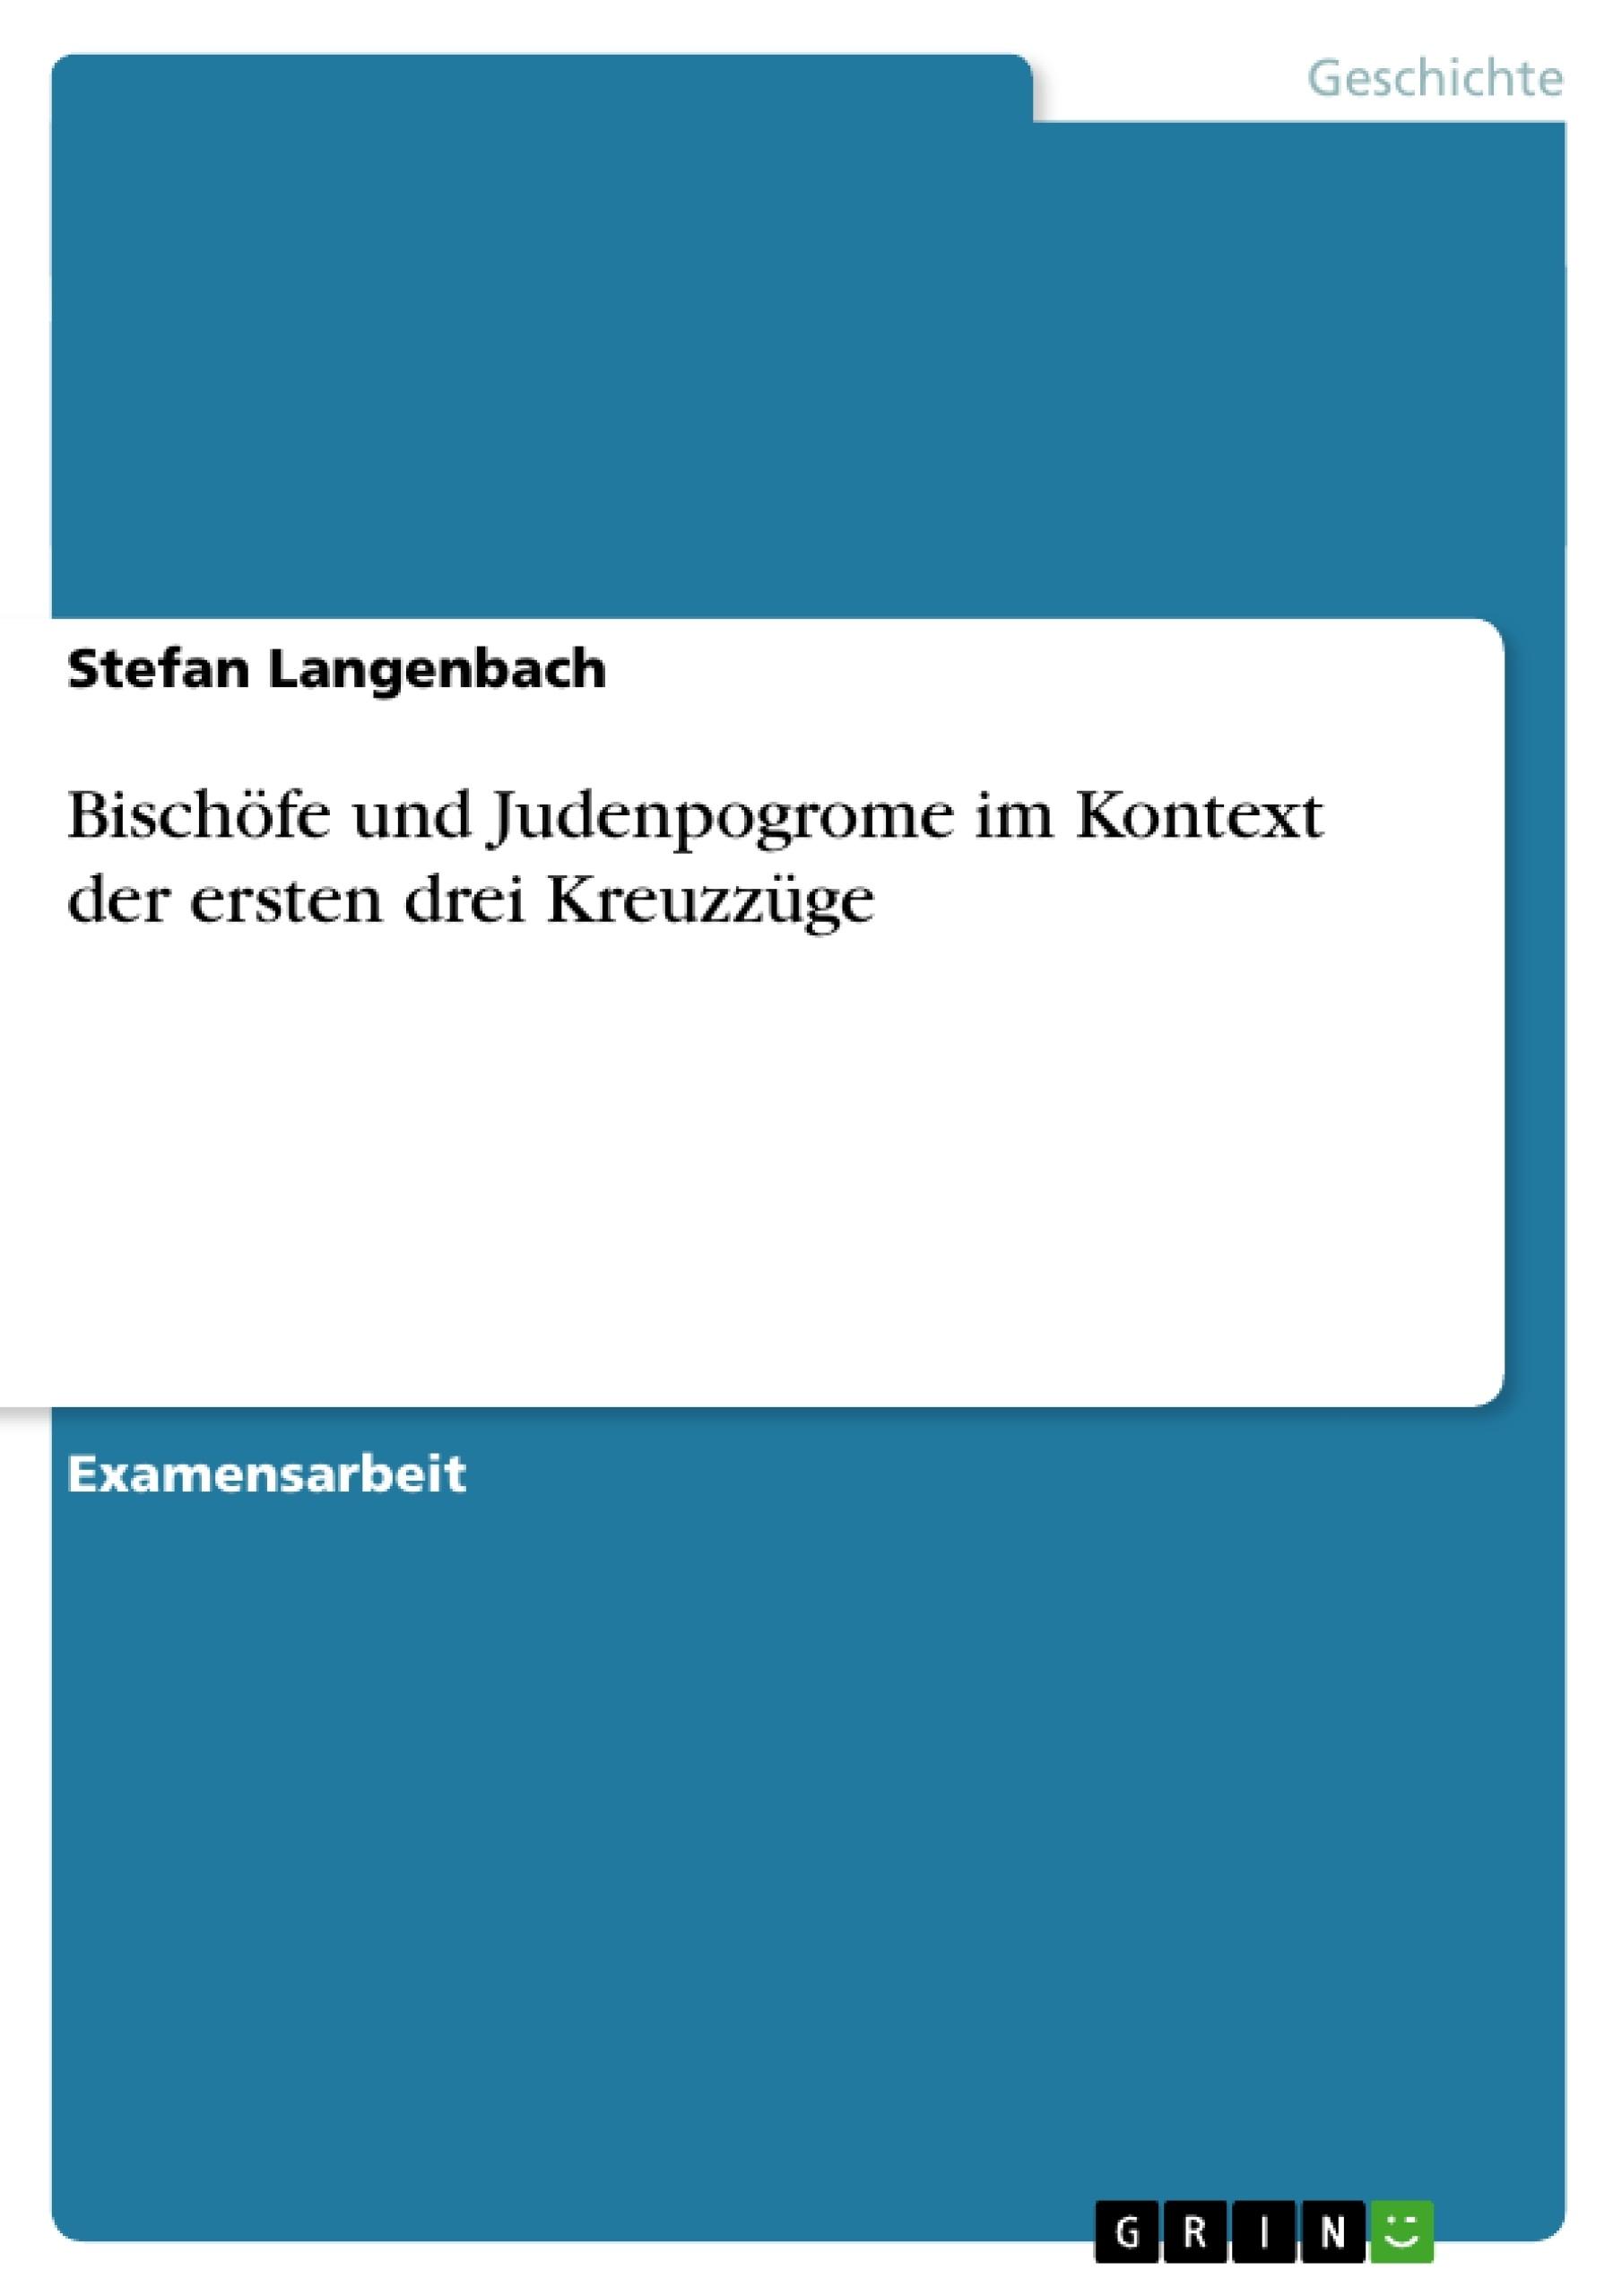 Titel: Bischöfe und Judenpogrome im Kontext der ersten drei Kreuzzüge